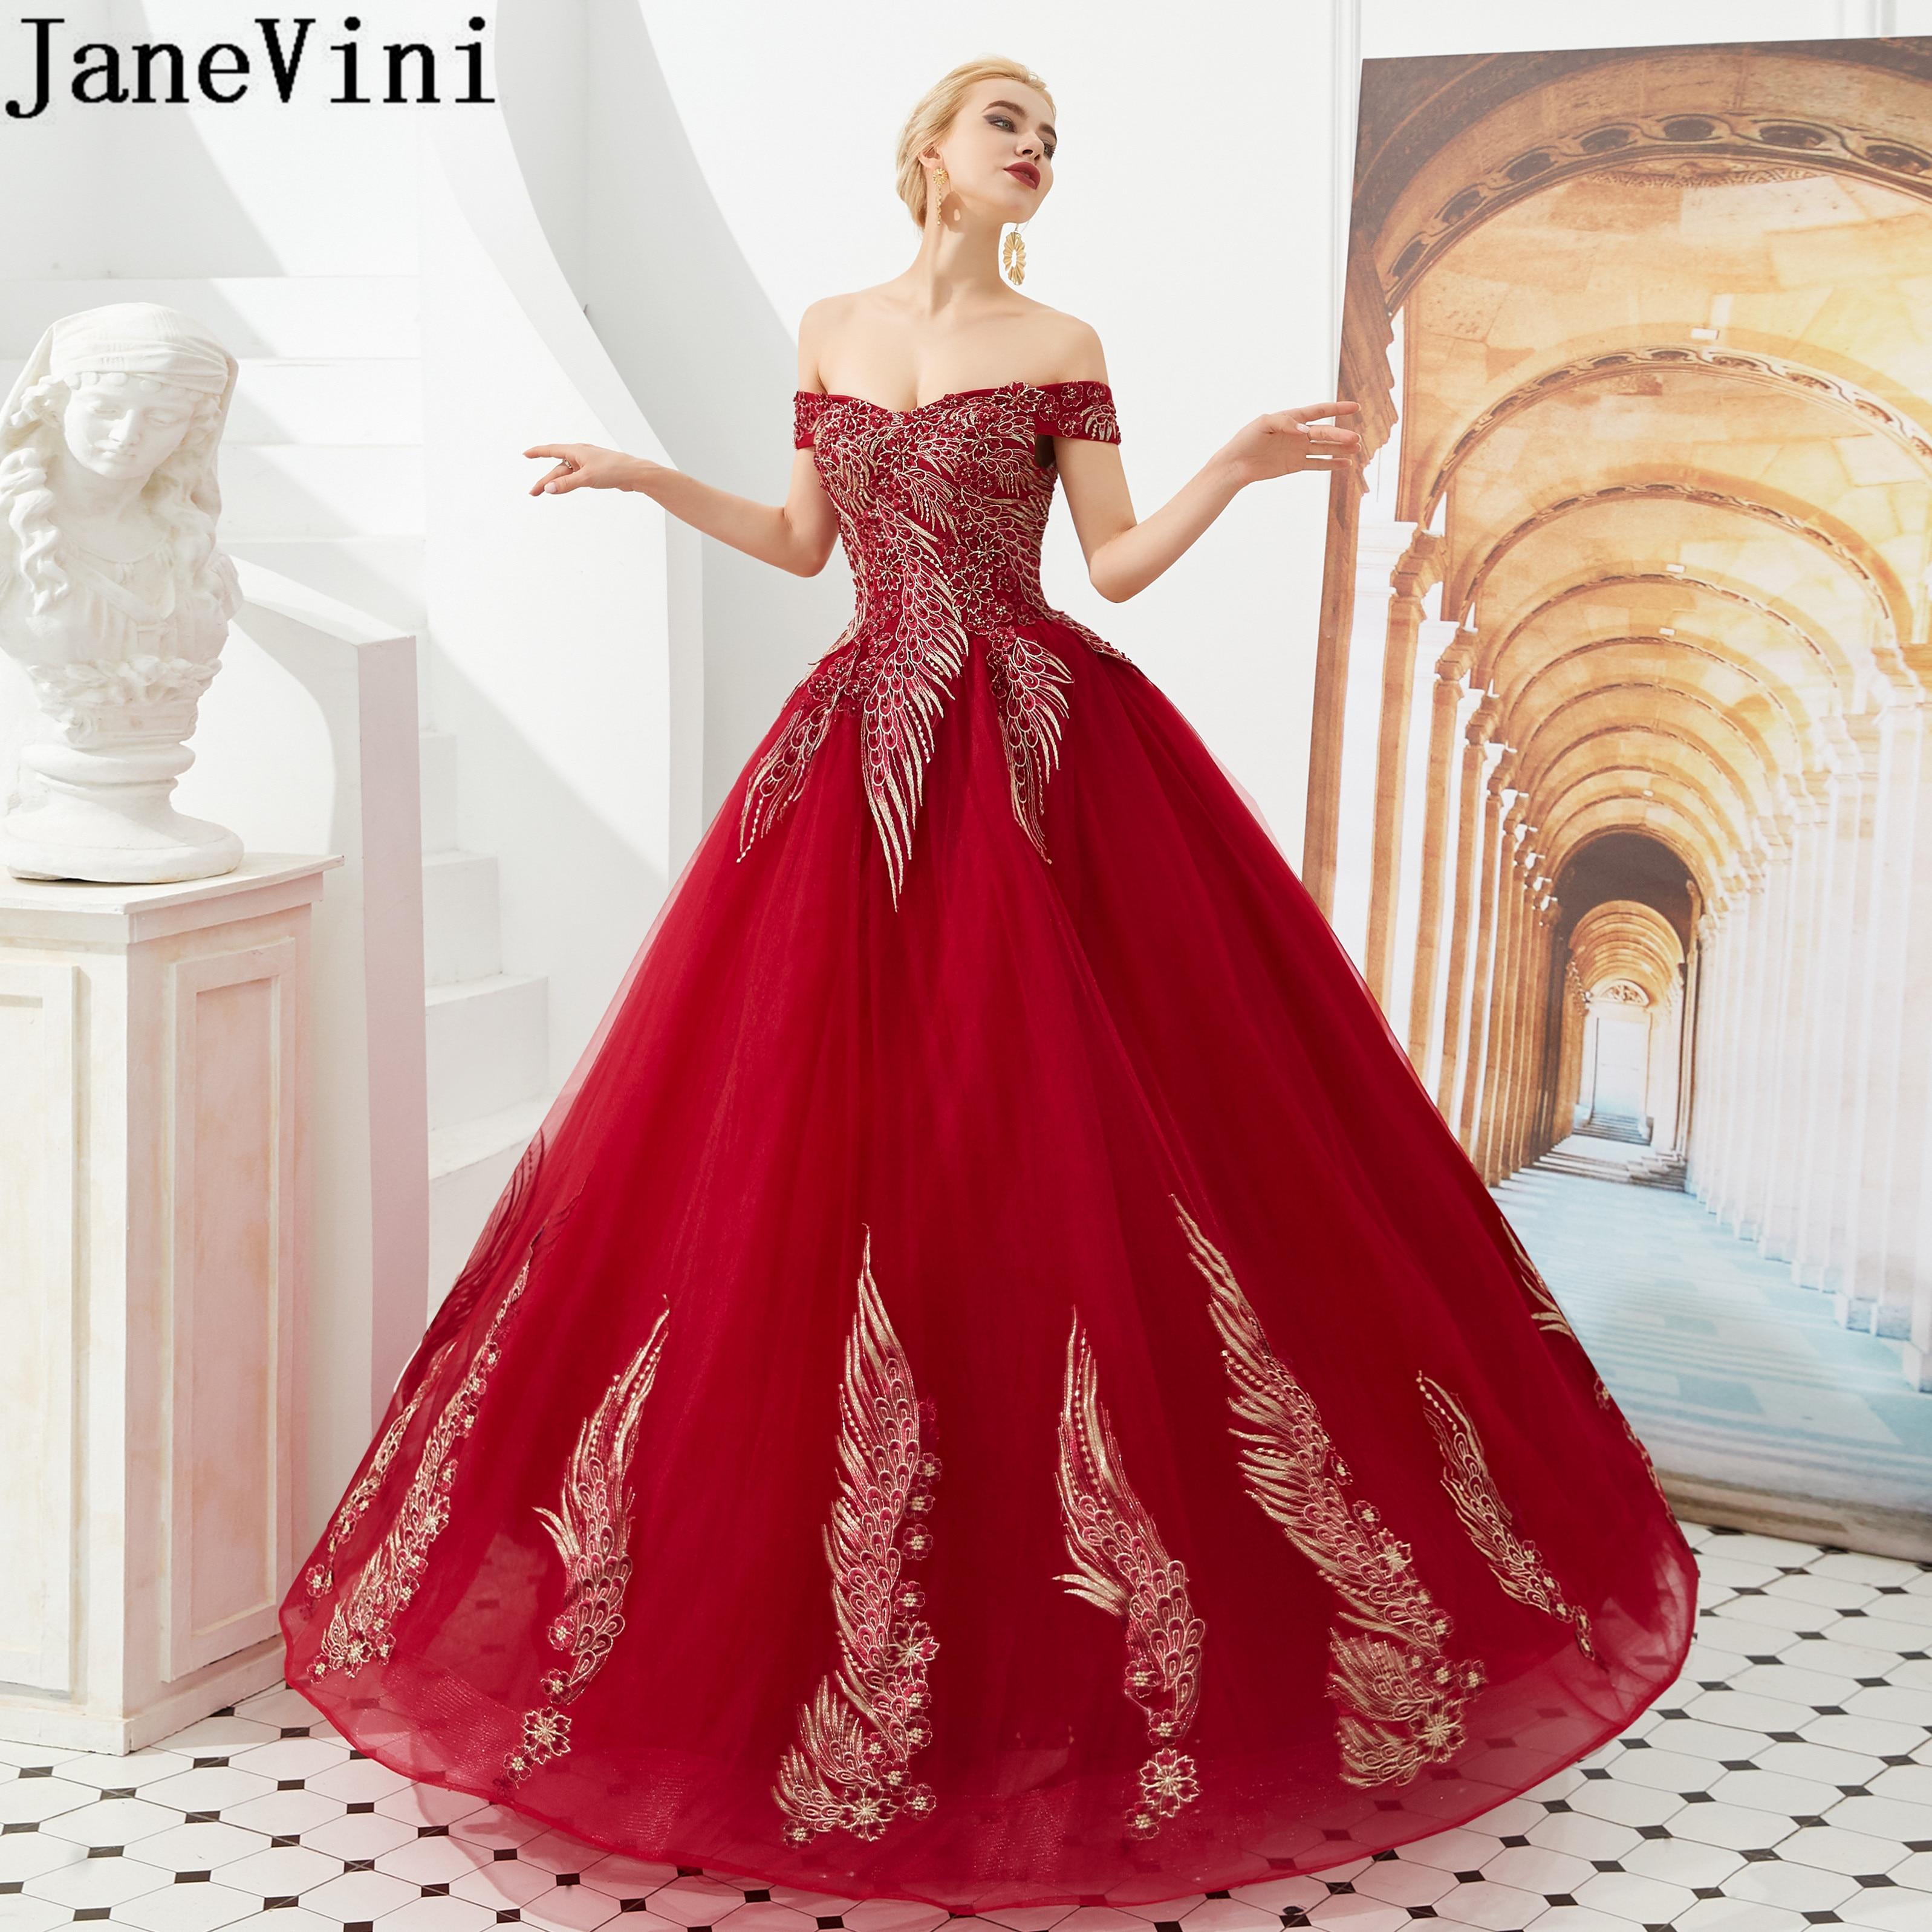 JaneVini suave tul Burdeos vestidos de fiesta de promoción para muchachas de hombro Apliques de encaje noche vestido de fiesta 2020 ocasión vestido